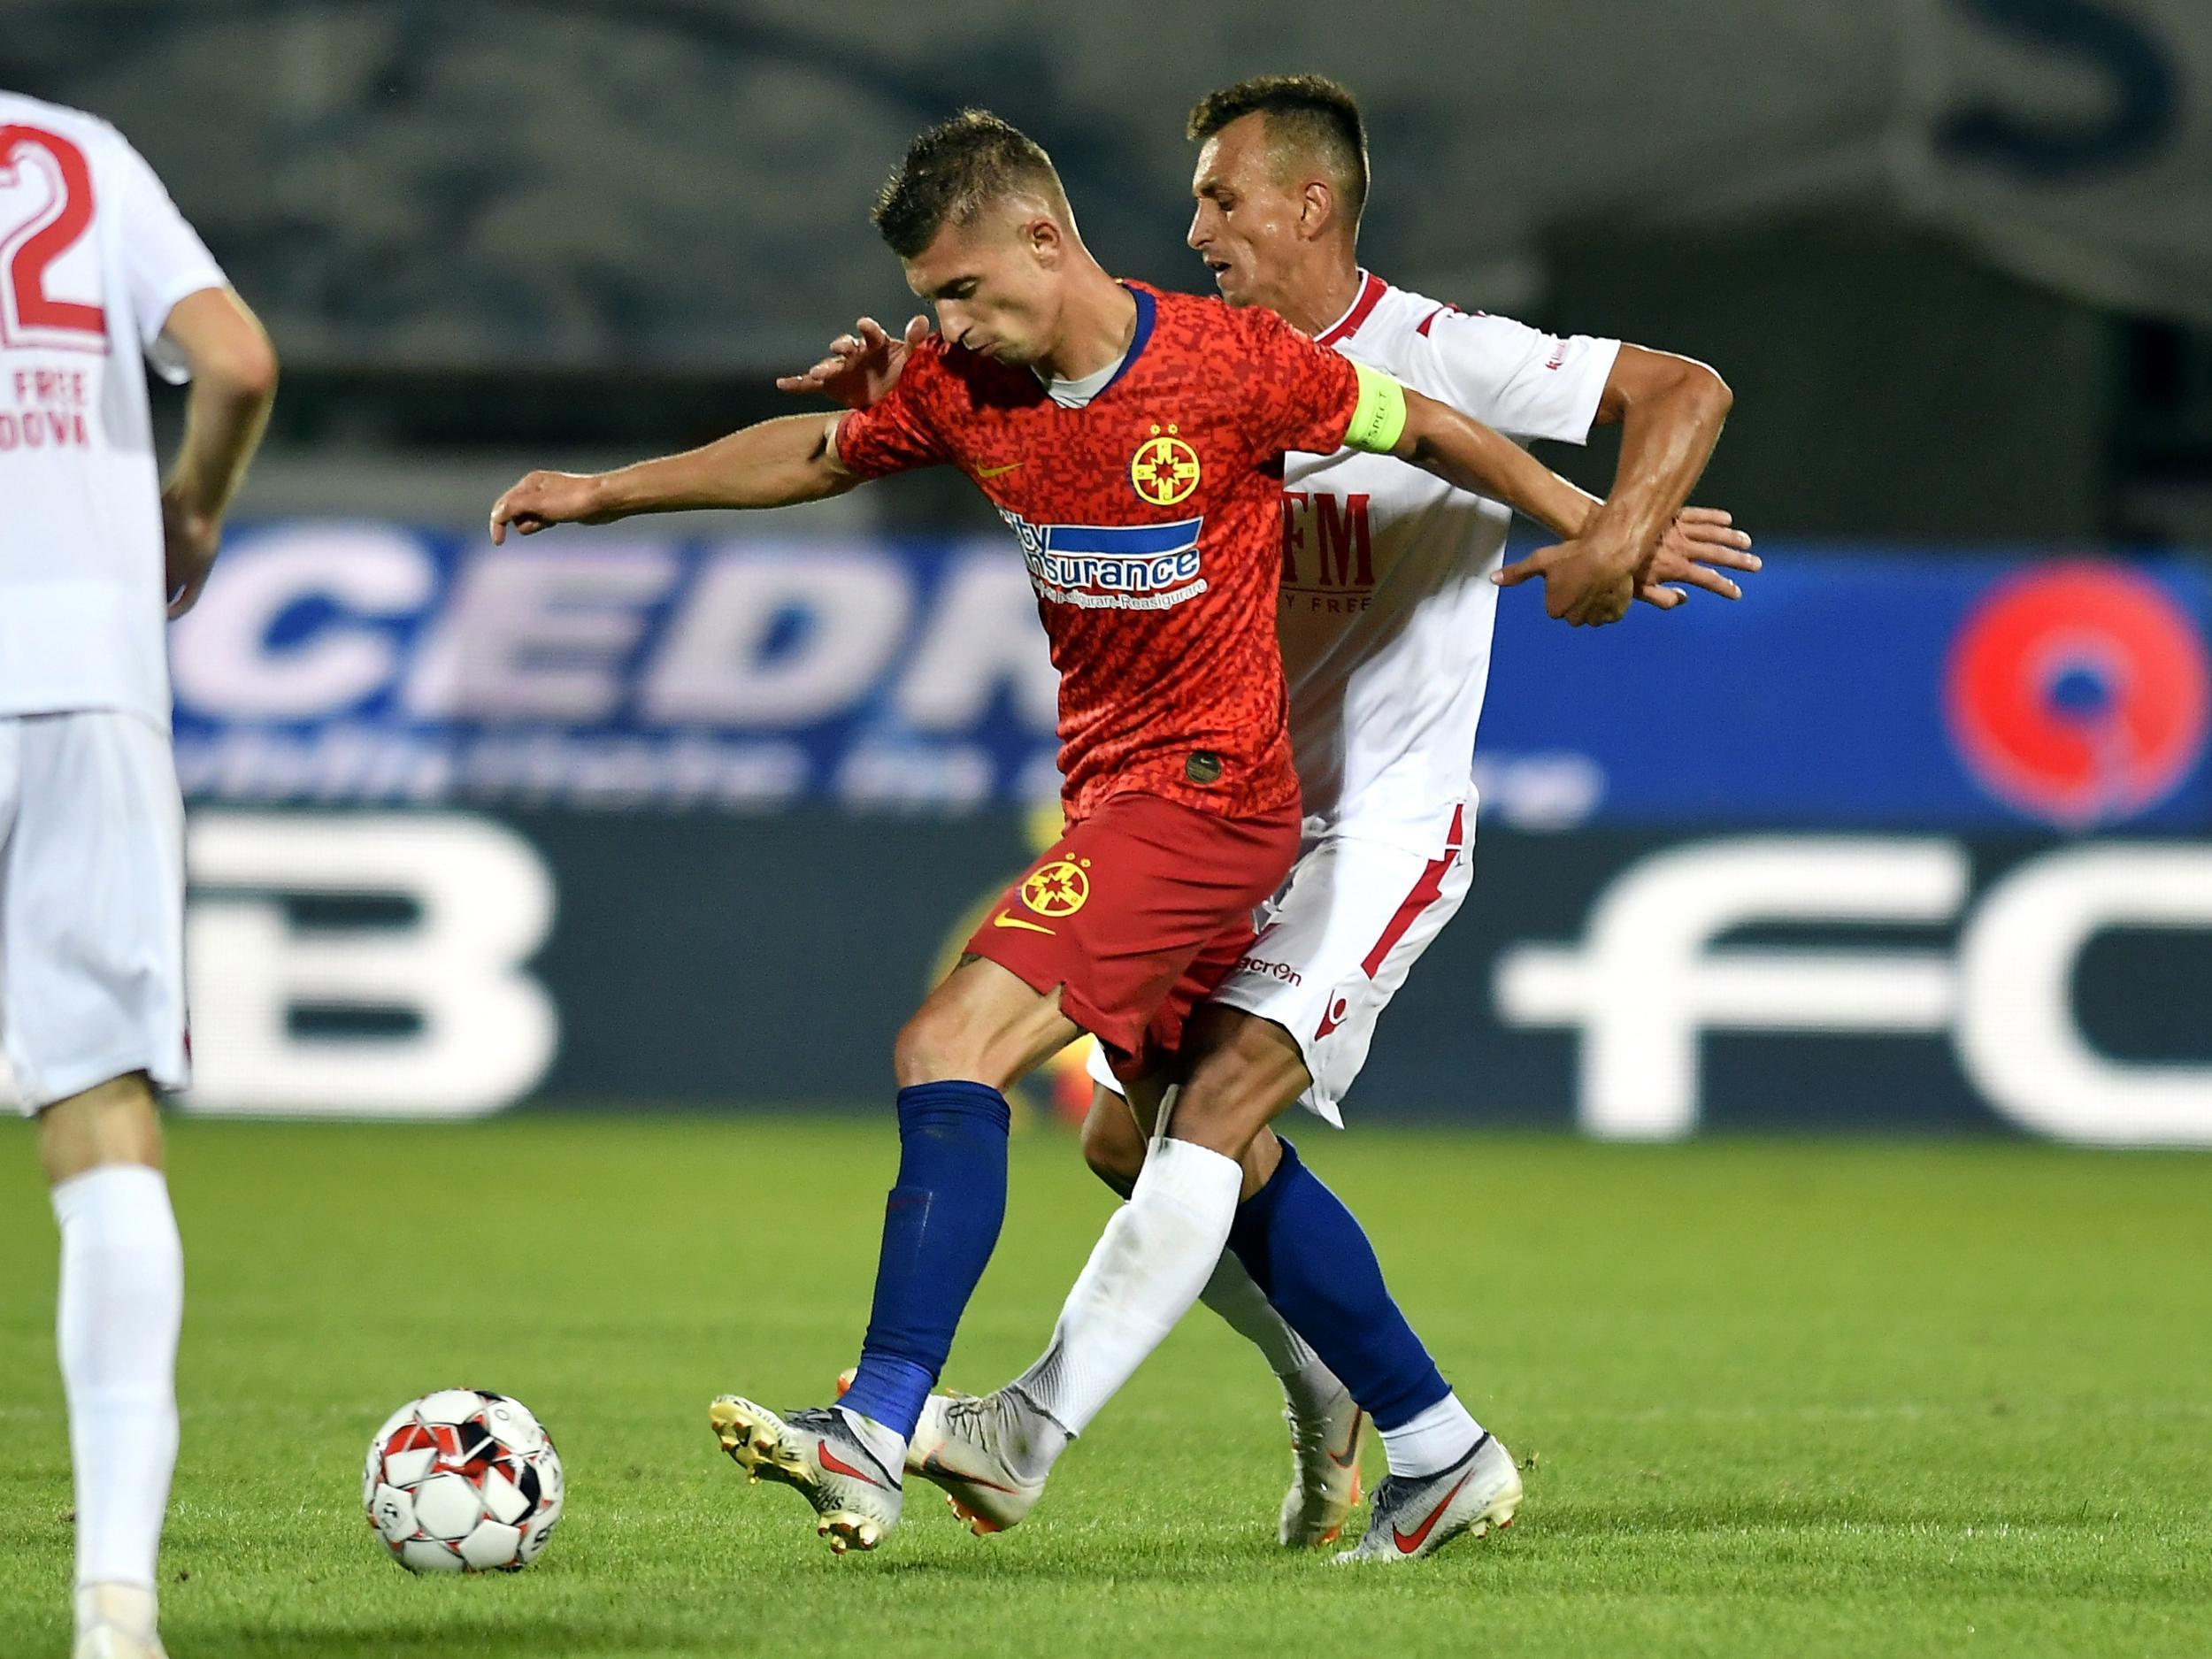 Dubla lui Tănase apropie turul 2 din Europa League!>